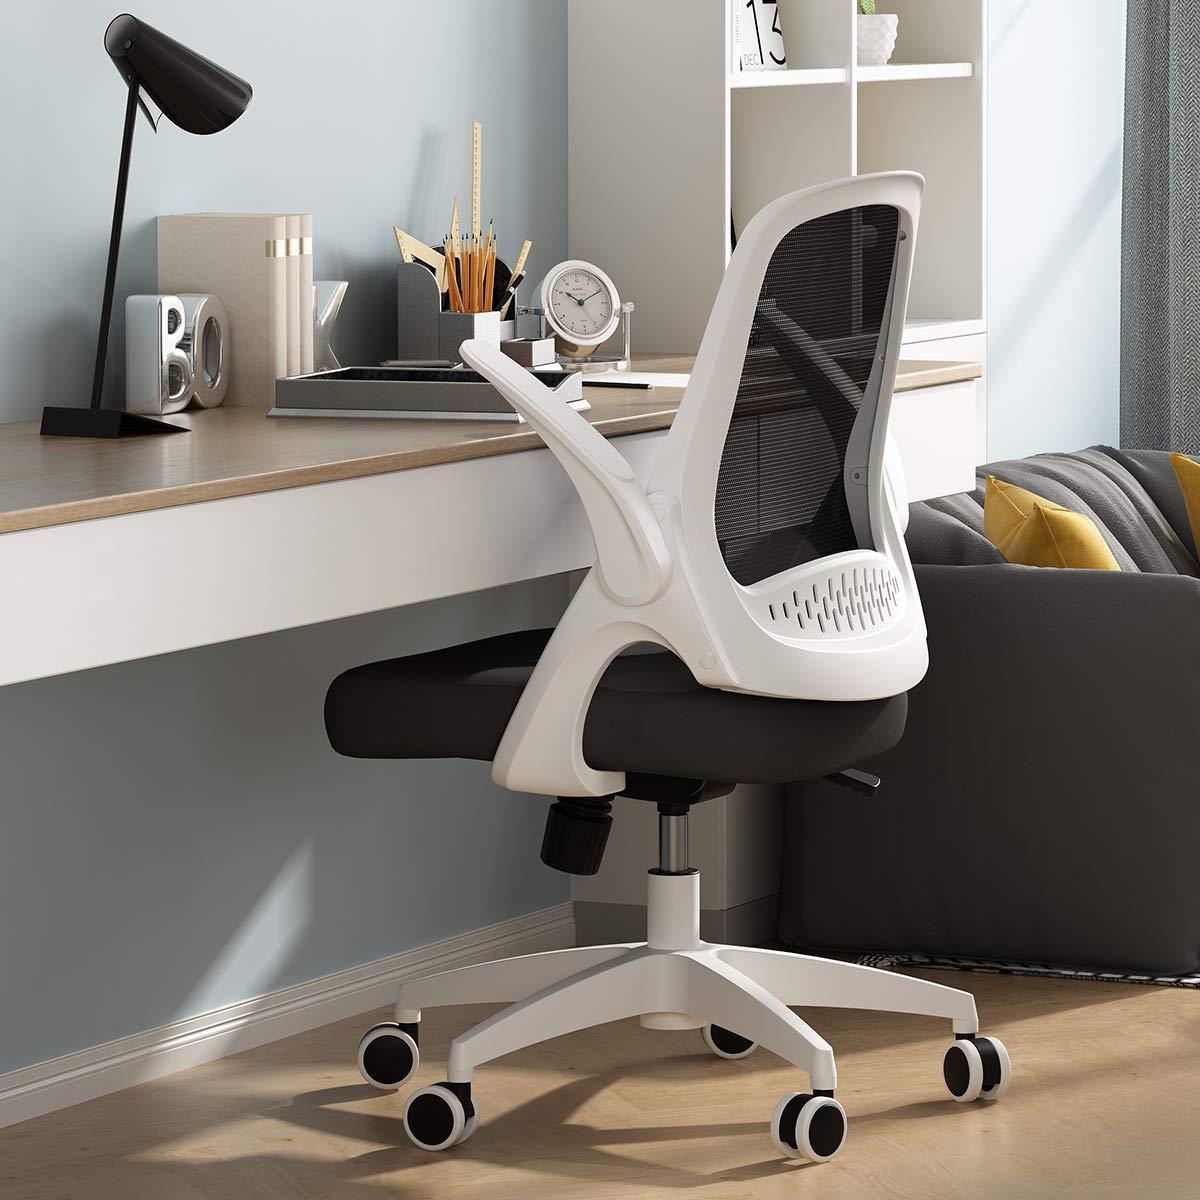 Hbada Office Comfort Flip up Adjustable